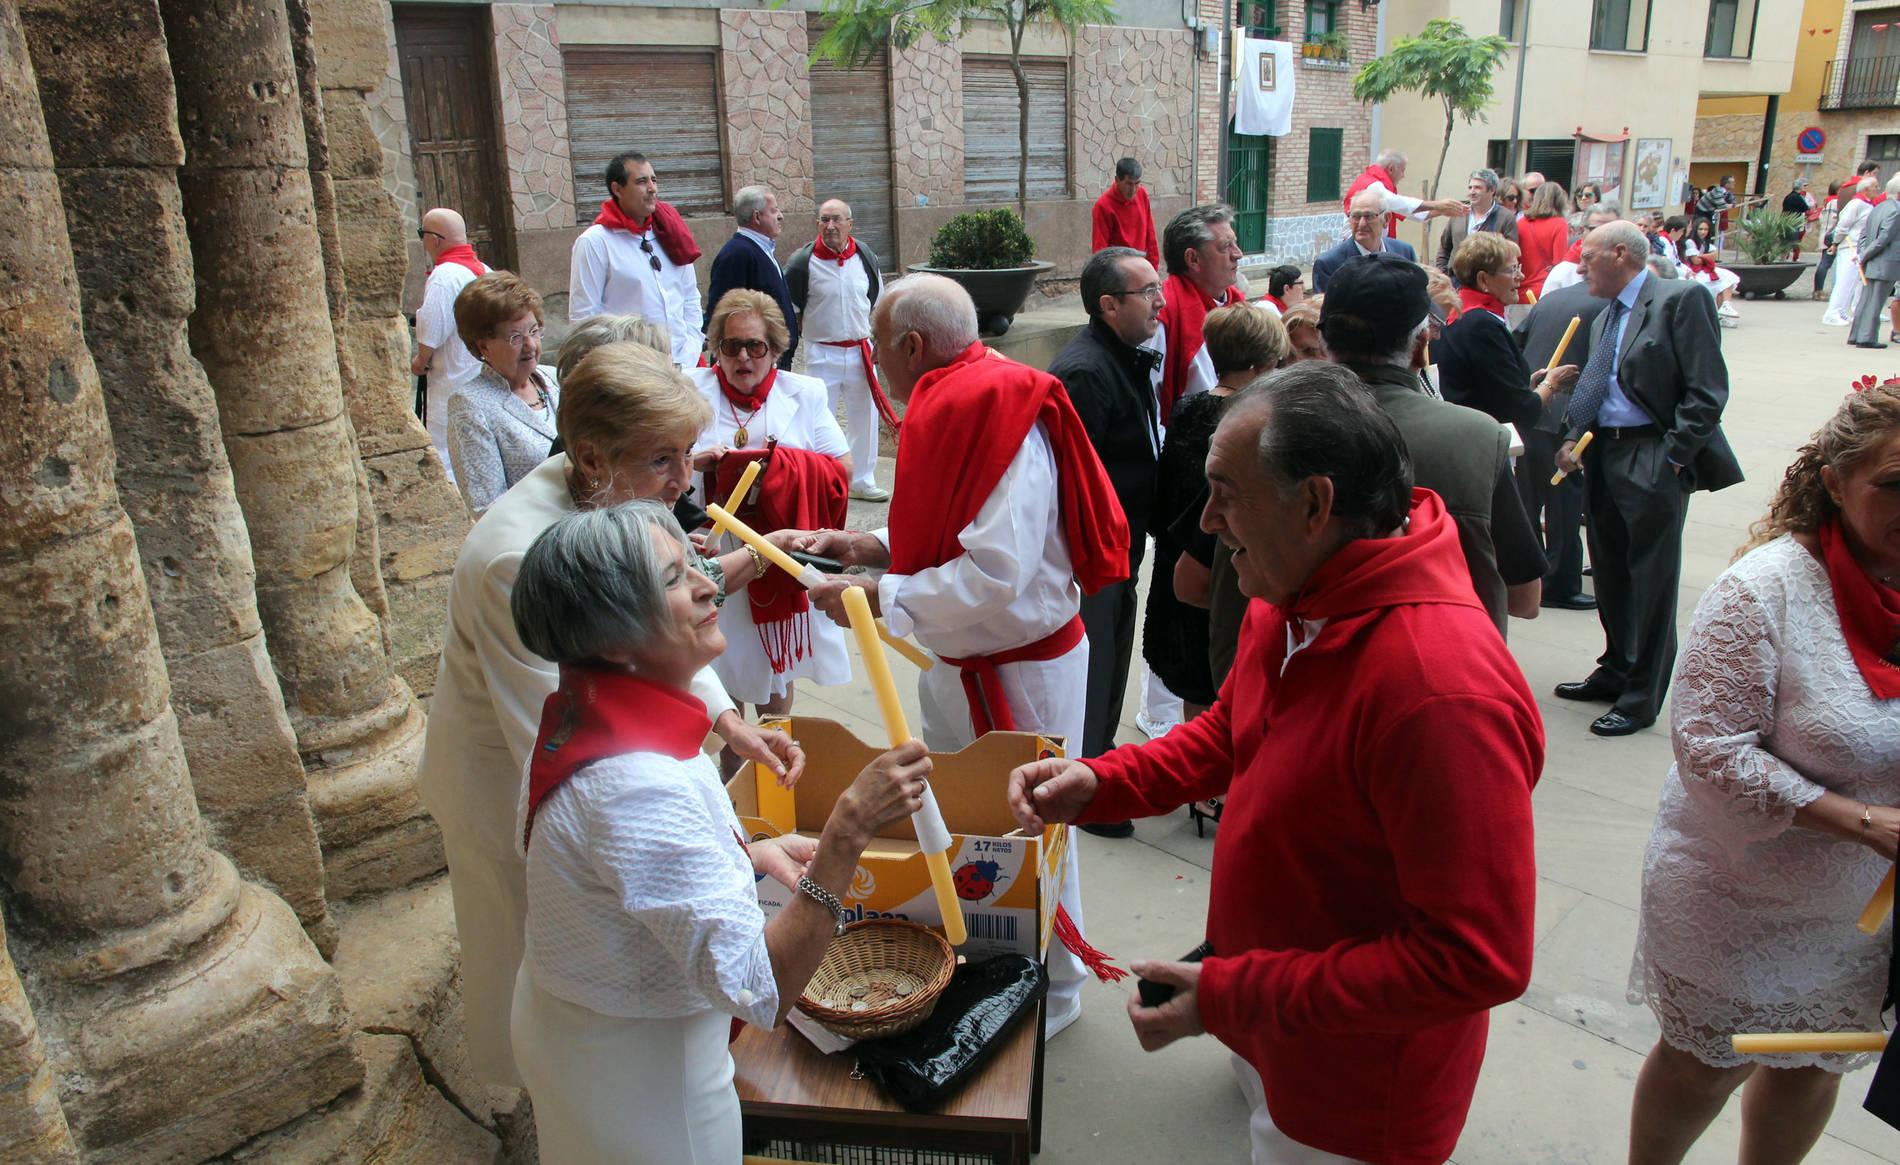 Procesión de la Virgen de la Barda en las fiestas de Fitero 2017 (1/12) - Fotos de la procesión de la Virgen de la Barda en fiestas de Fitero 2017. - Contenidos -